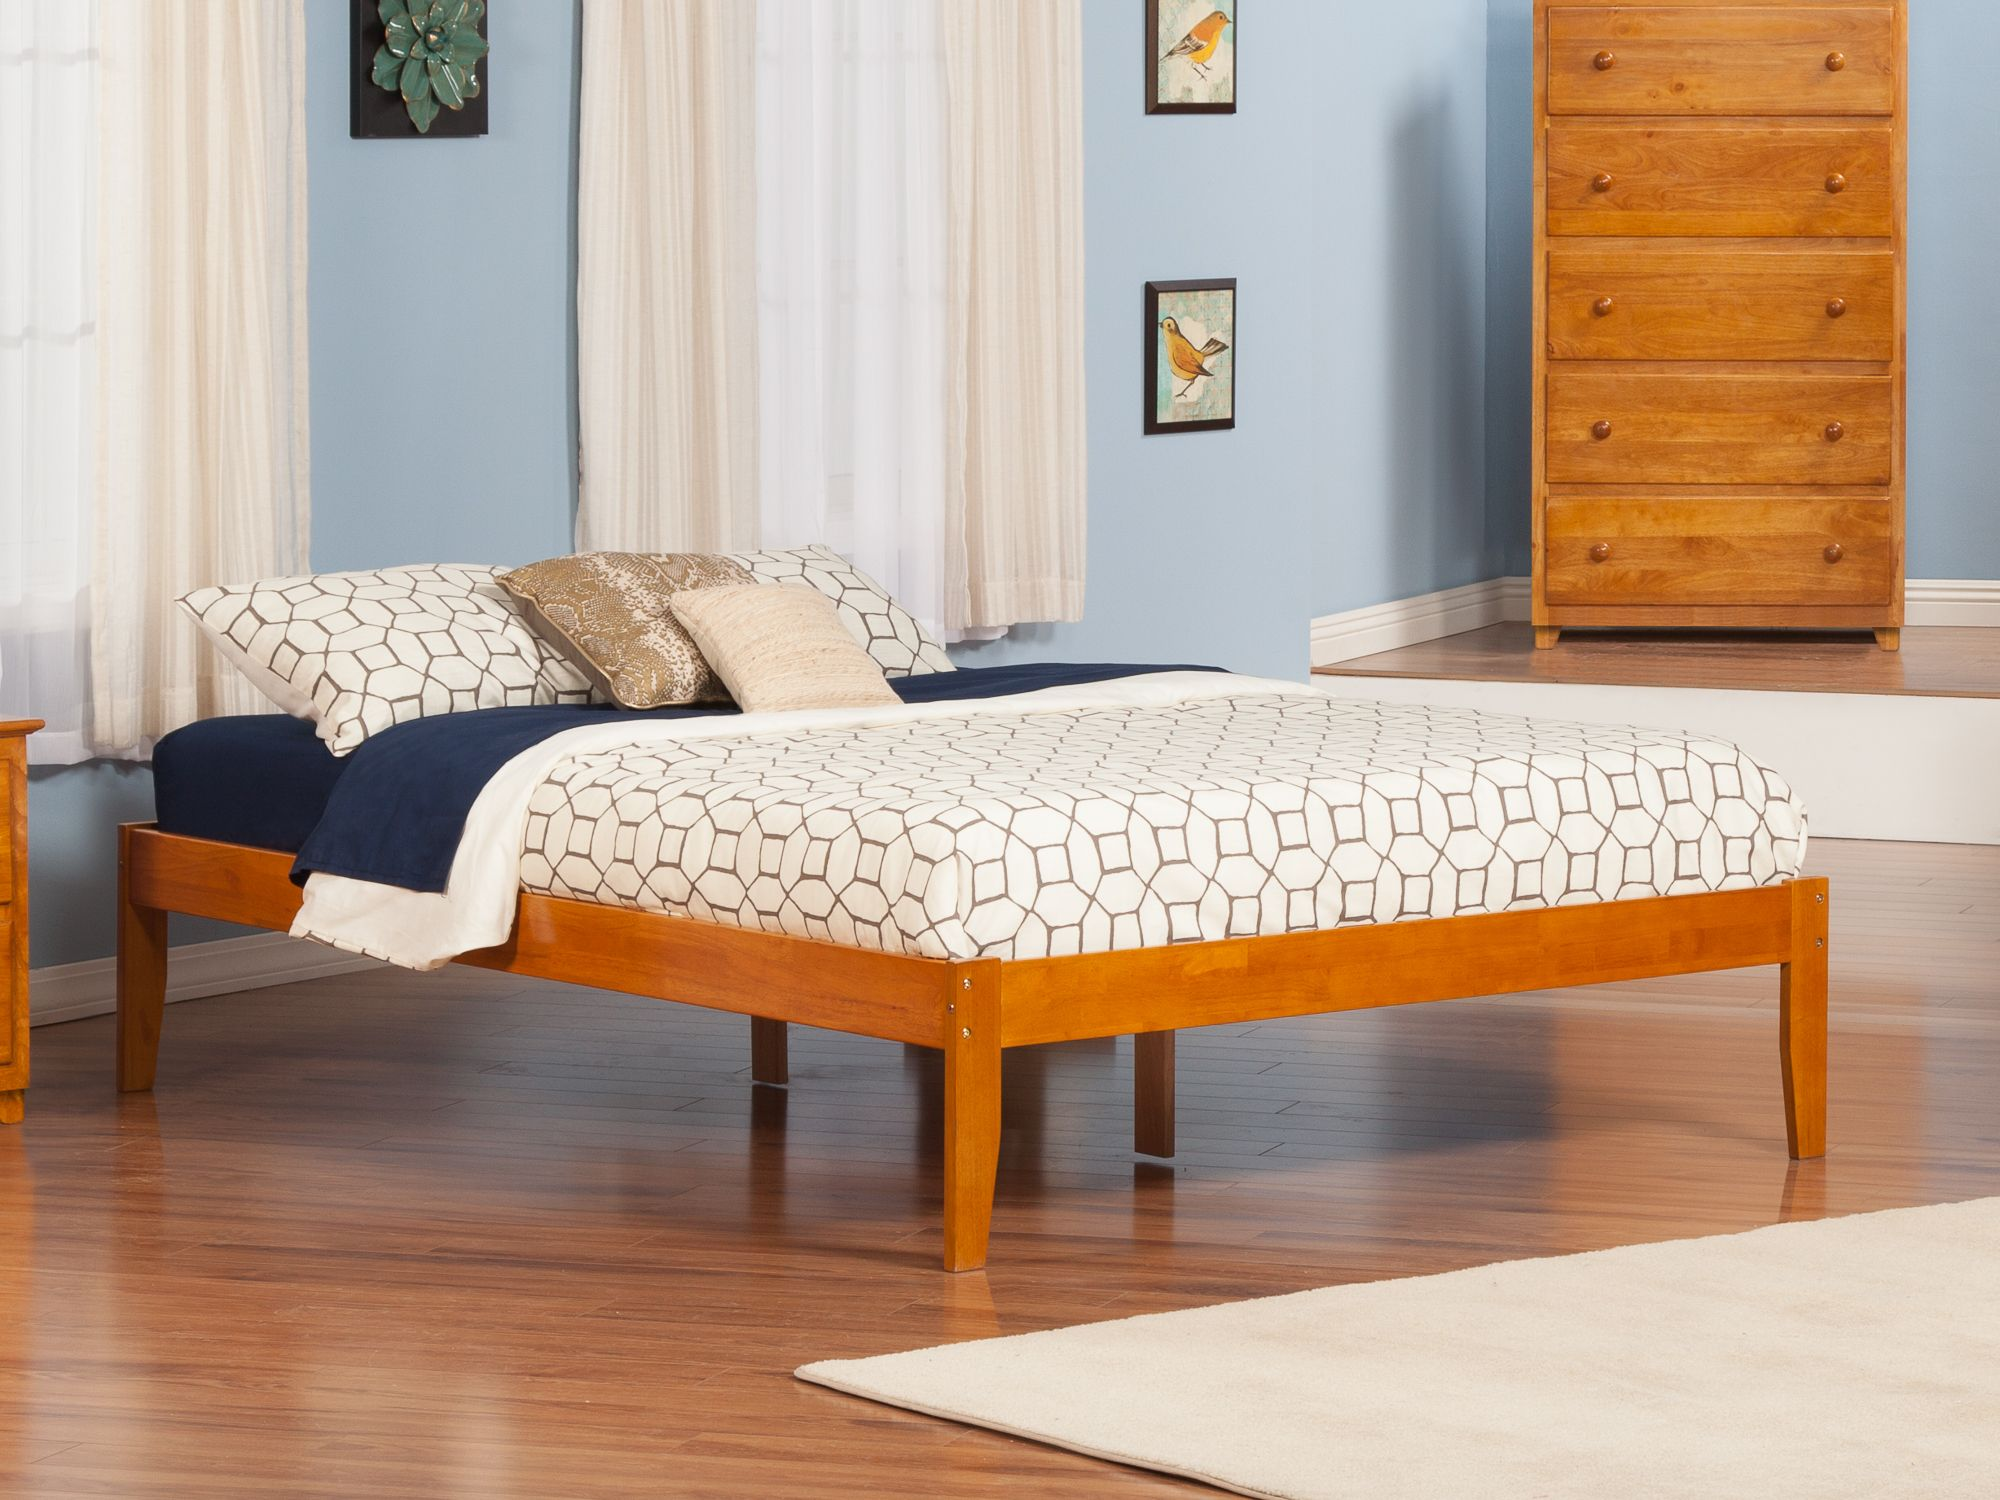 Concord Platform Bed Atlantic Furniture Platform bed